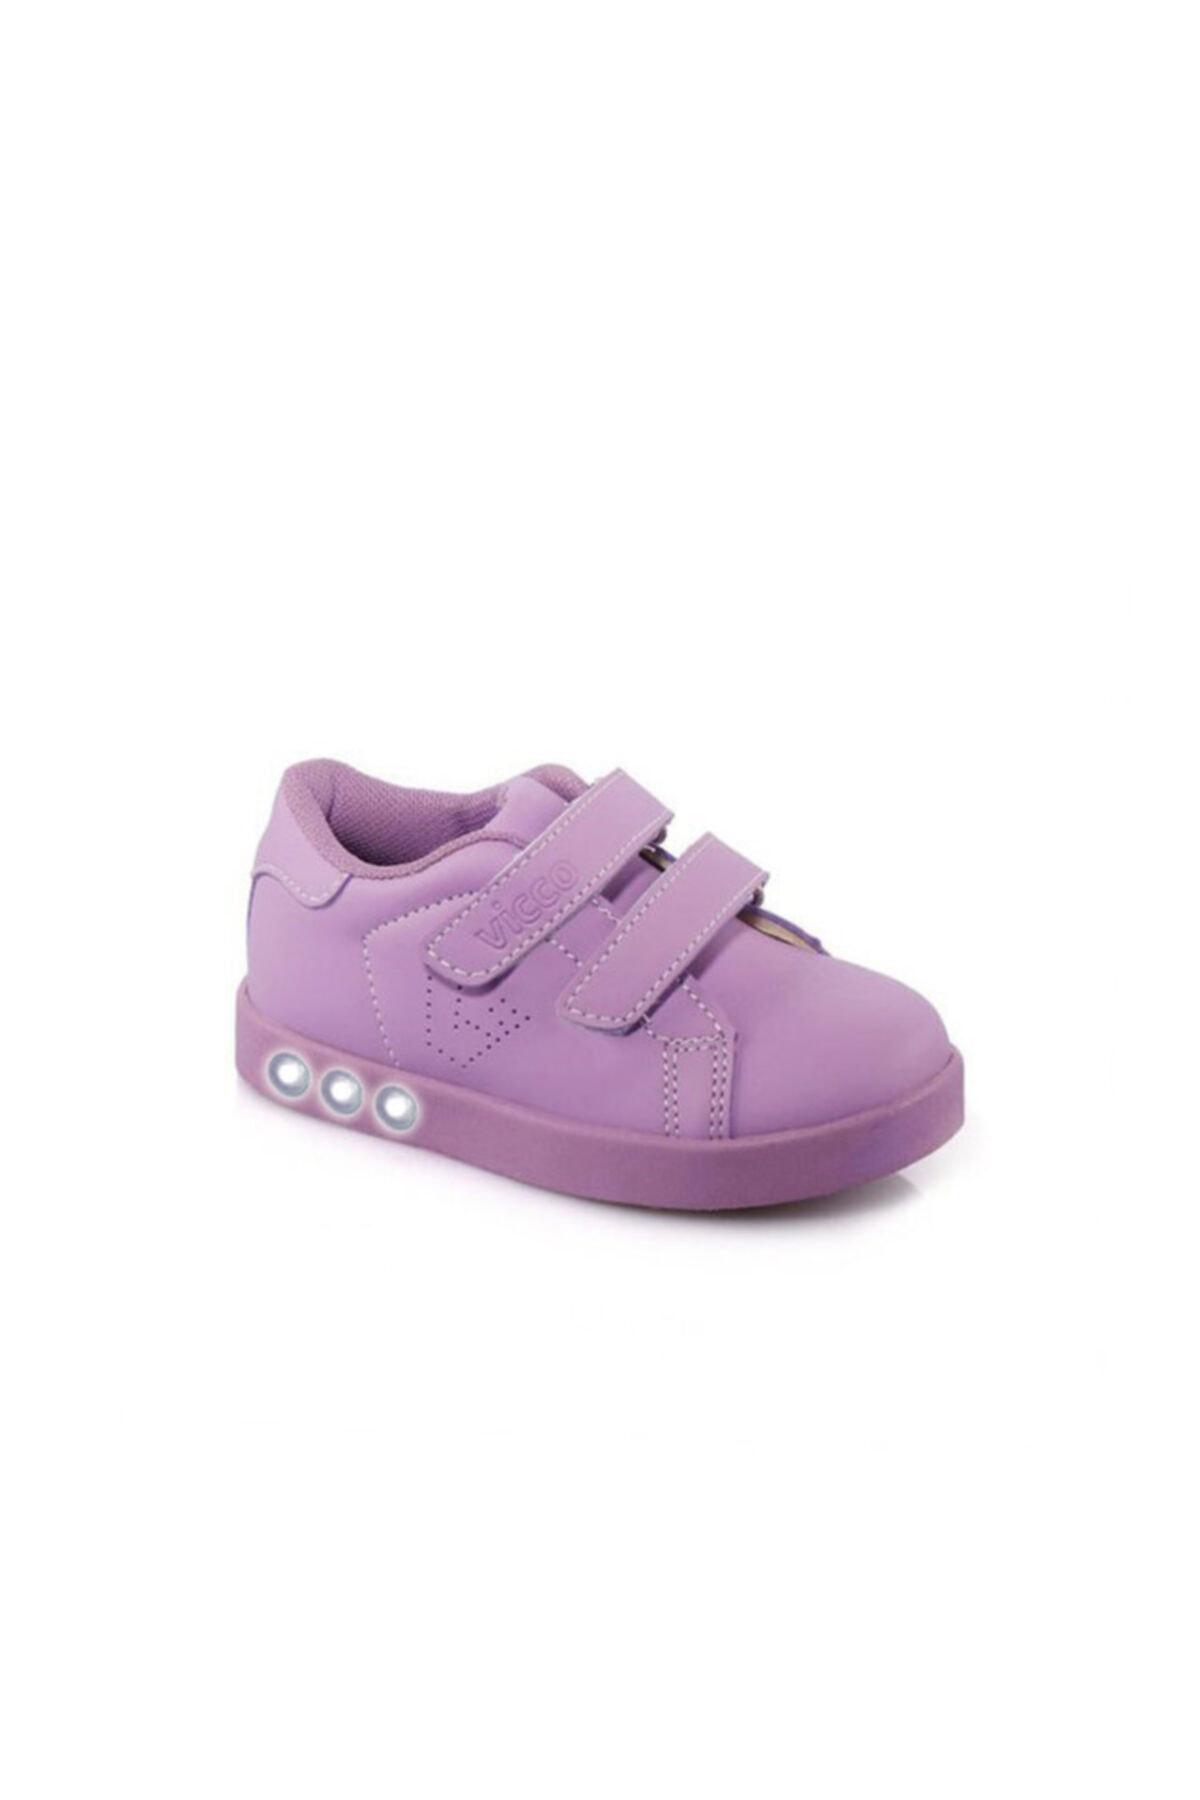 Oyo Lila Kız Bebek Spor Ayakkabı